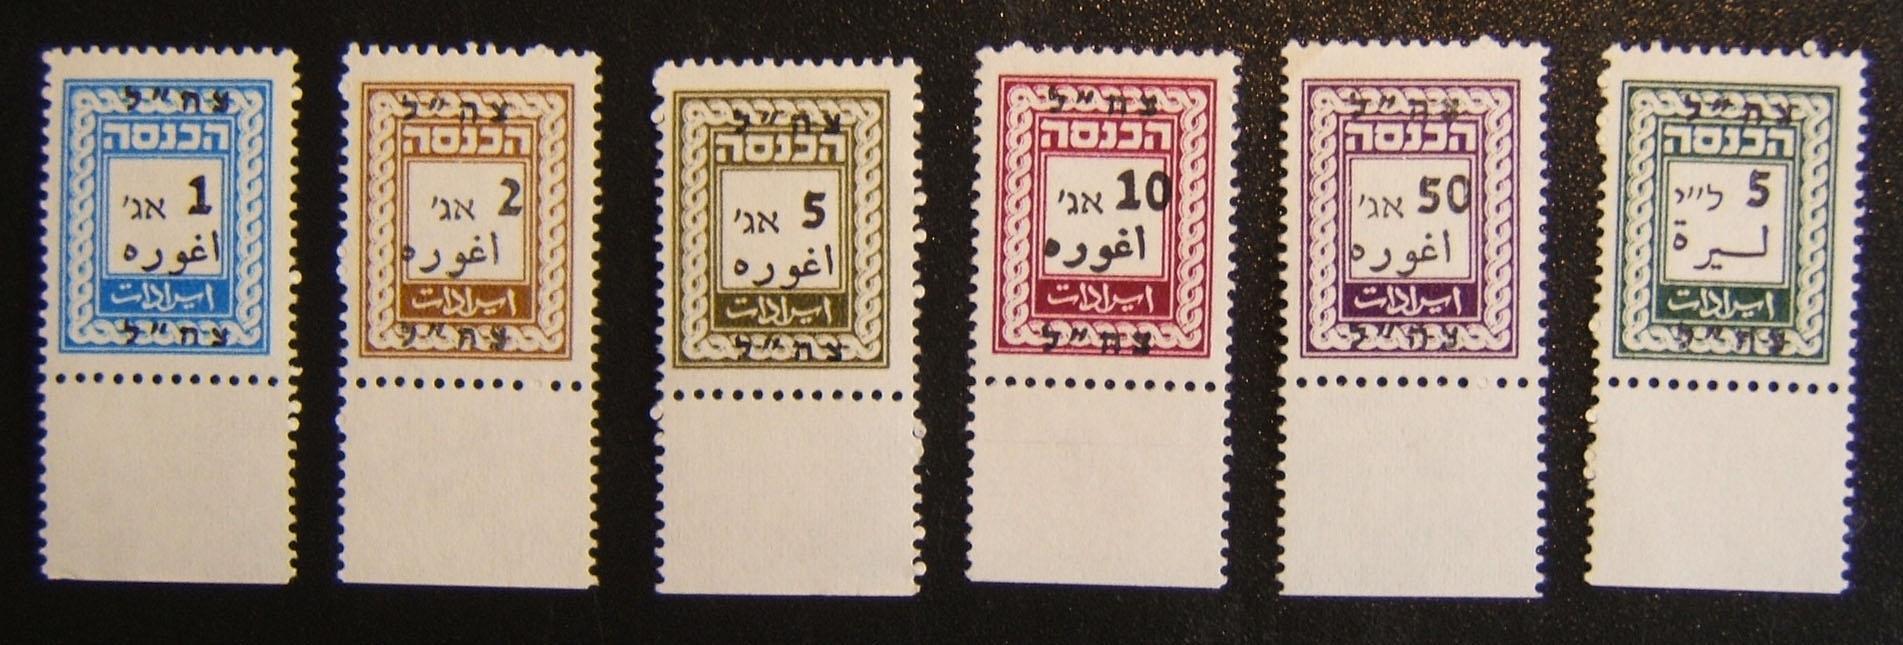 Menge x6 postfrische Briefmarken in Registerformat 1967-80 Serie mit kleinem Rahmen